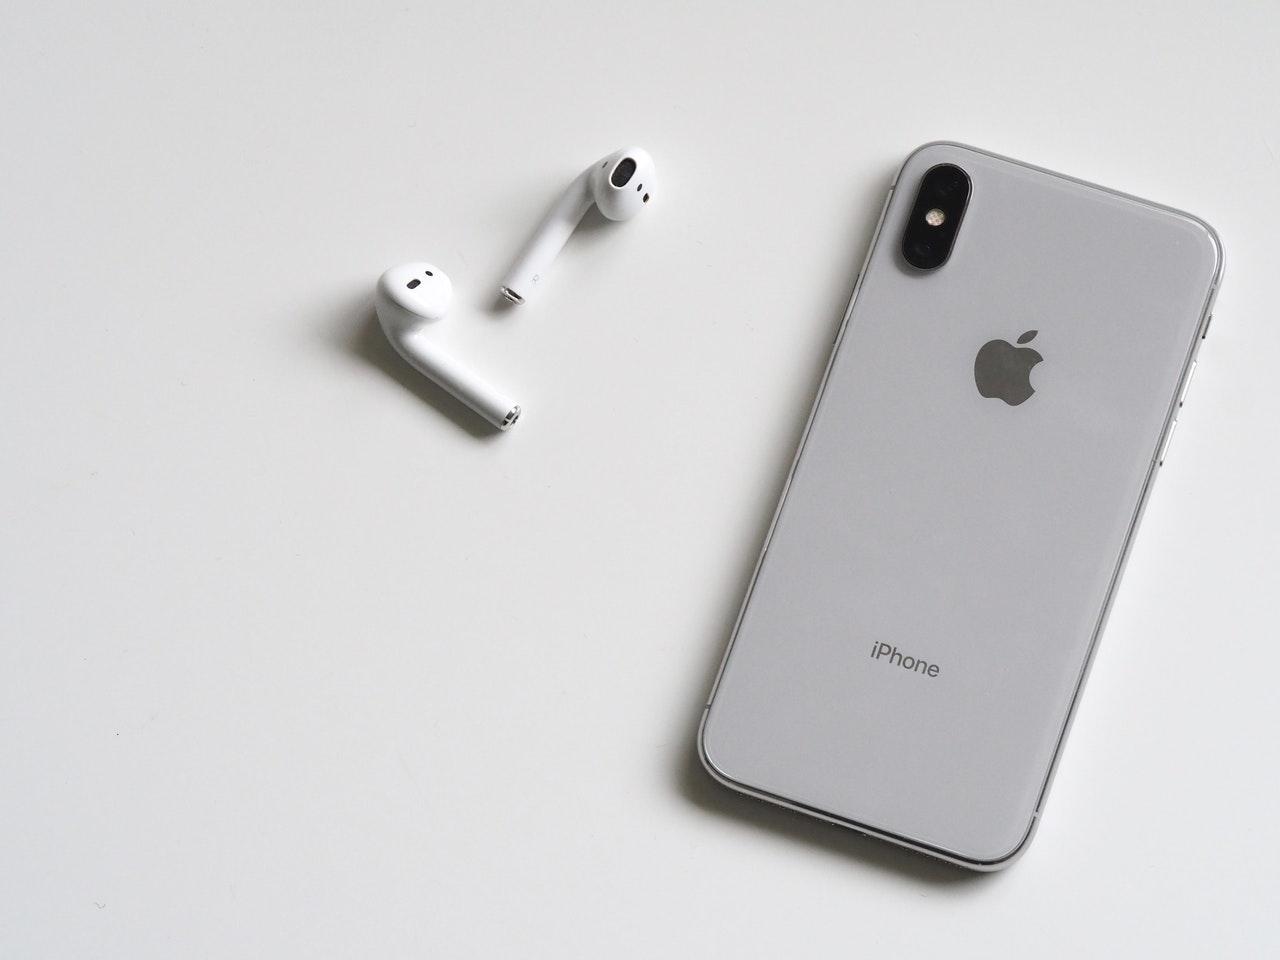 Gdzie można skorzystać z odpowiednio realizowanych napraw iPhone?